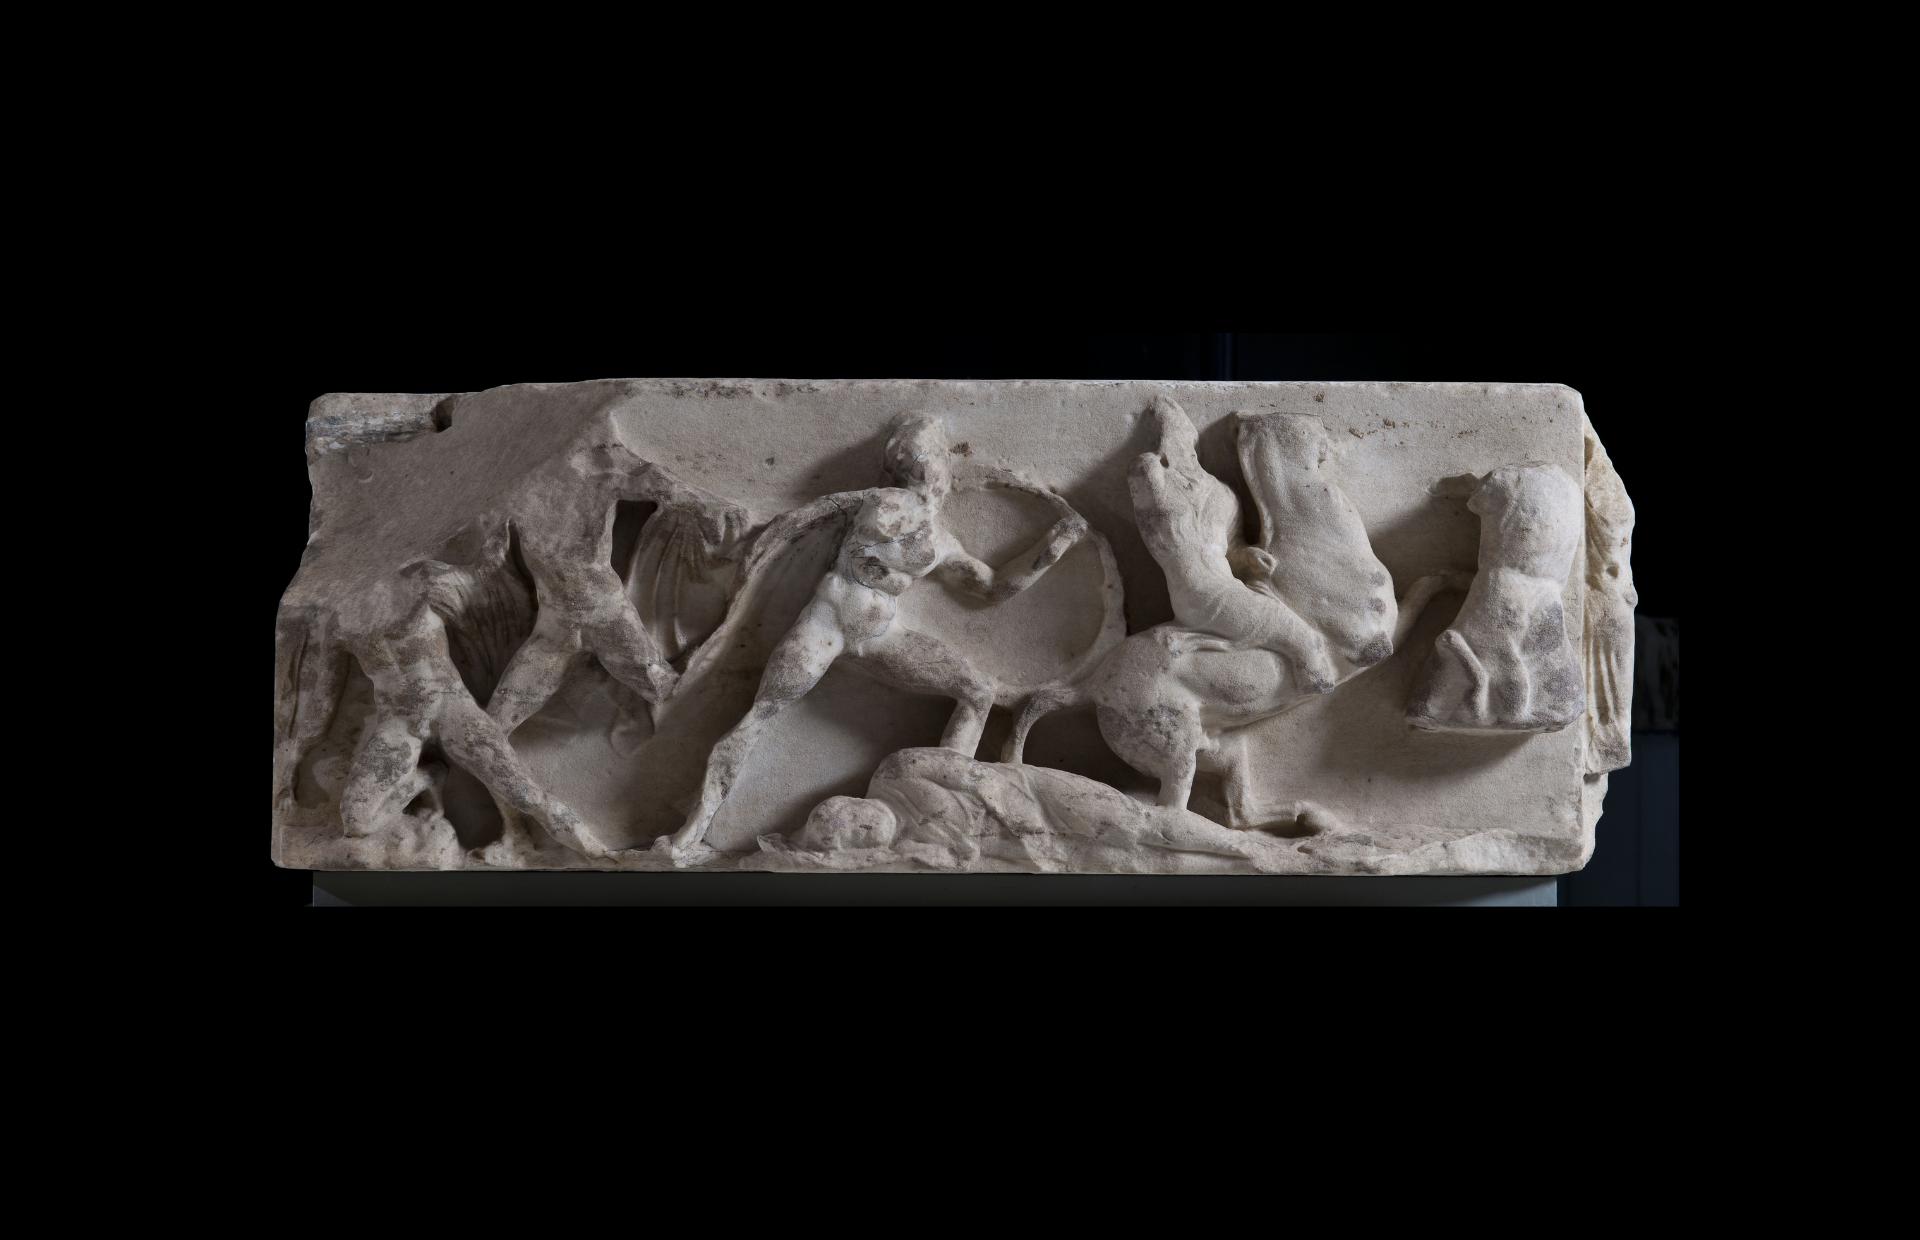 Τα 12α γενέθλια του Μουσείου Ακρόπολης